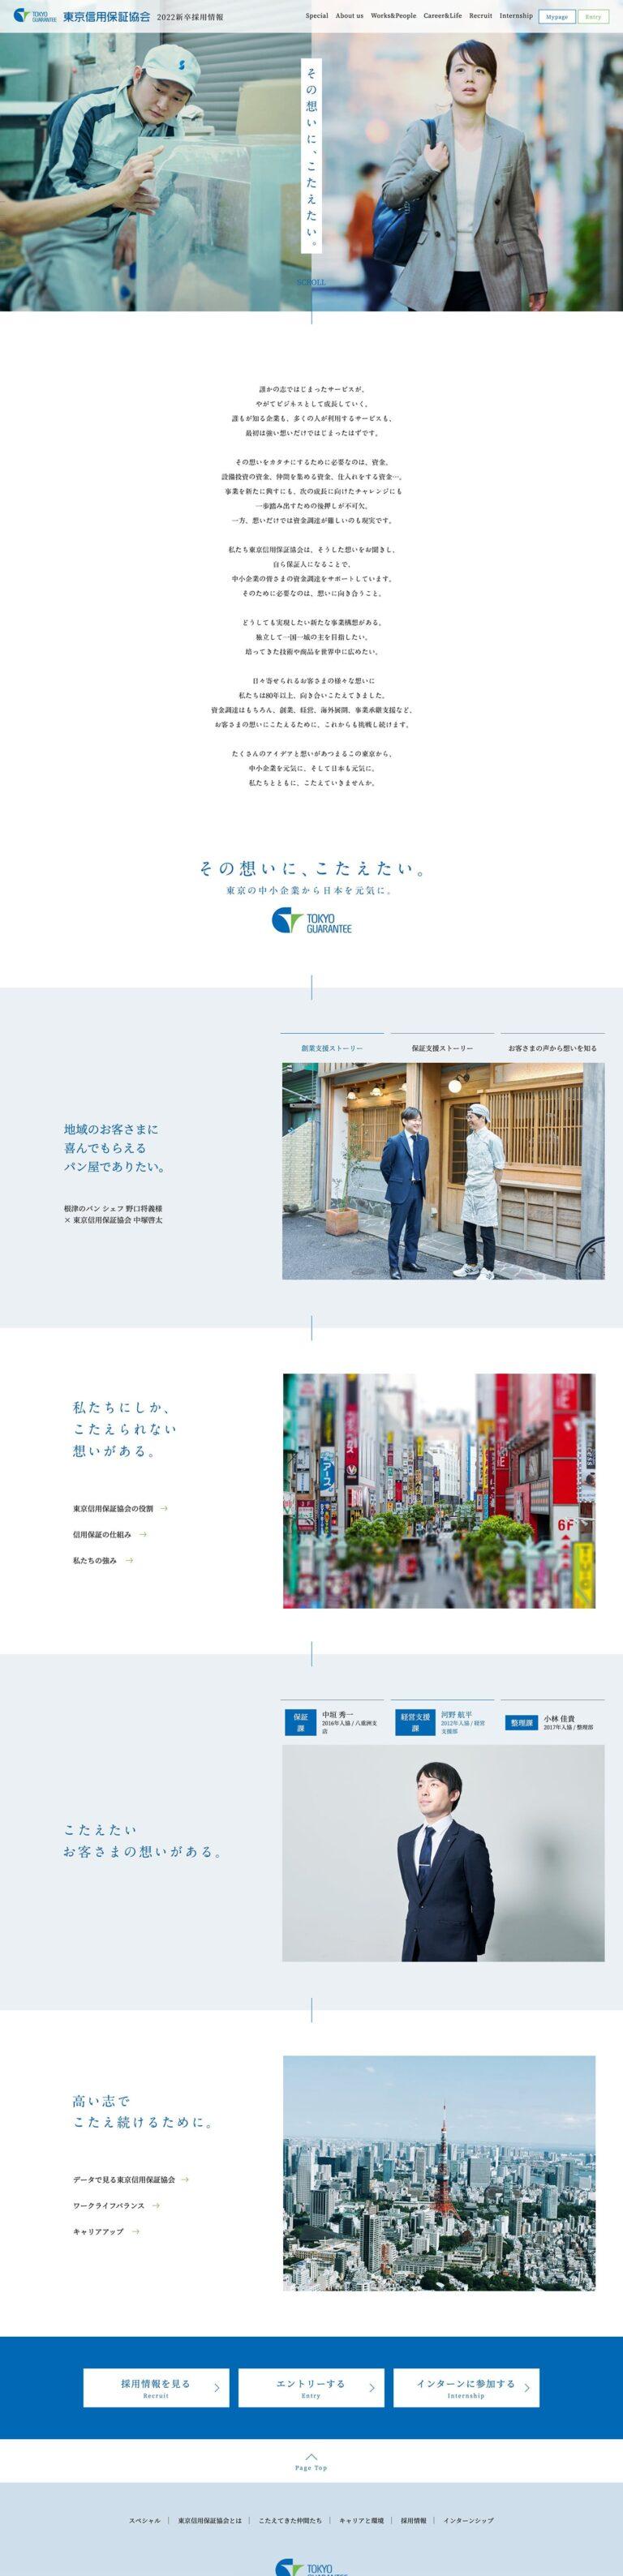 東京信用保証協会 2022年新卒採用サイト